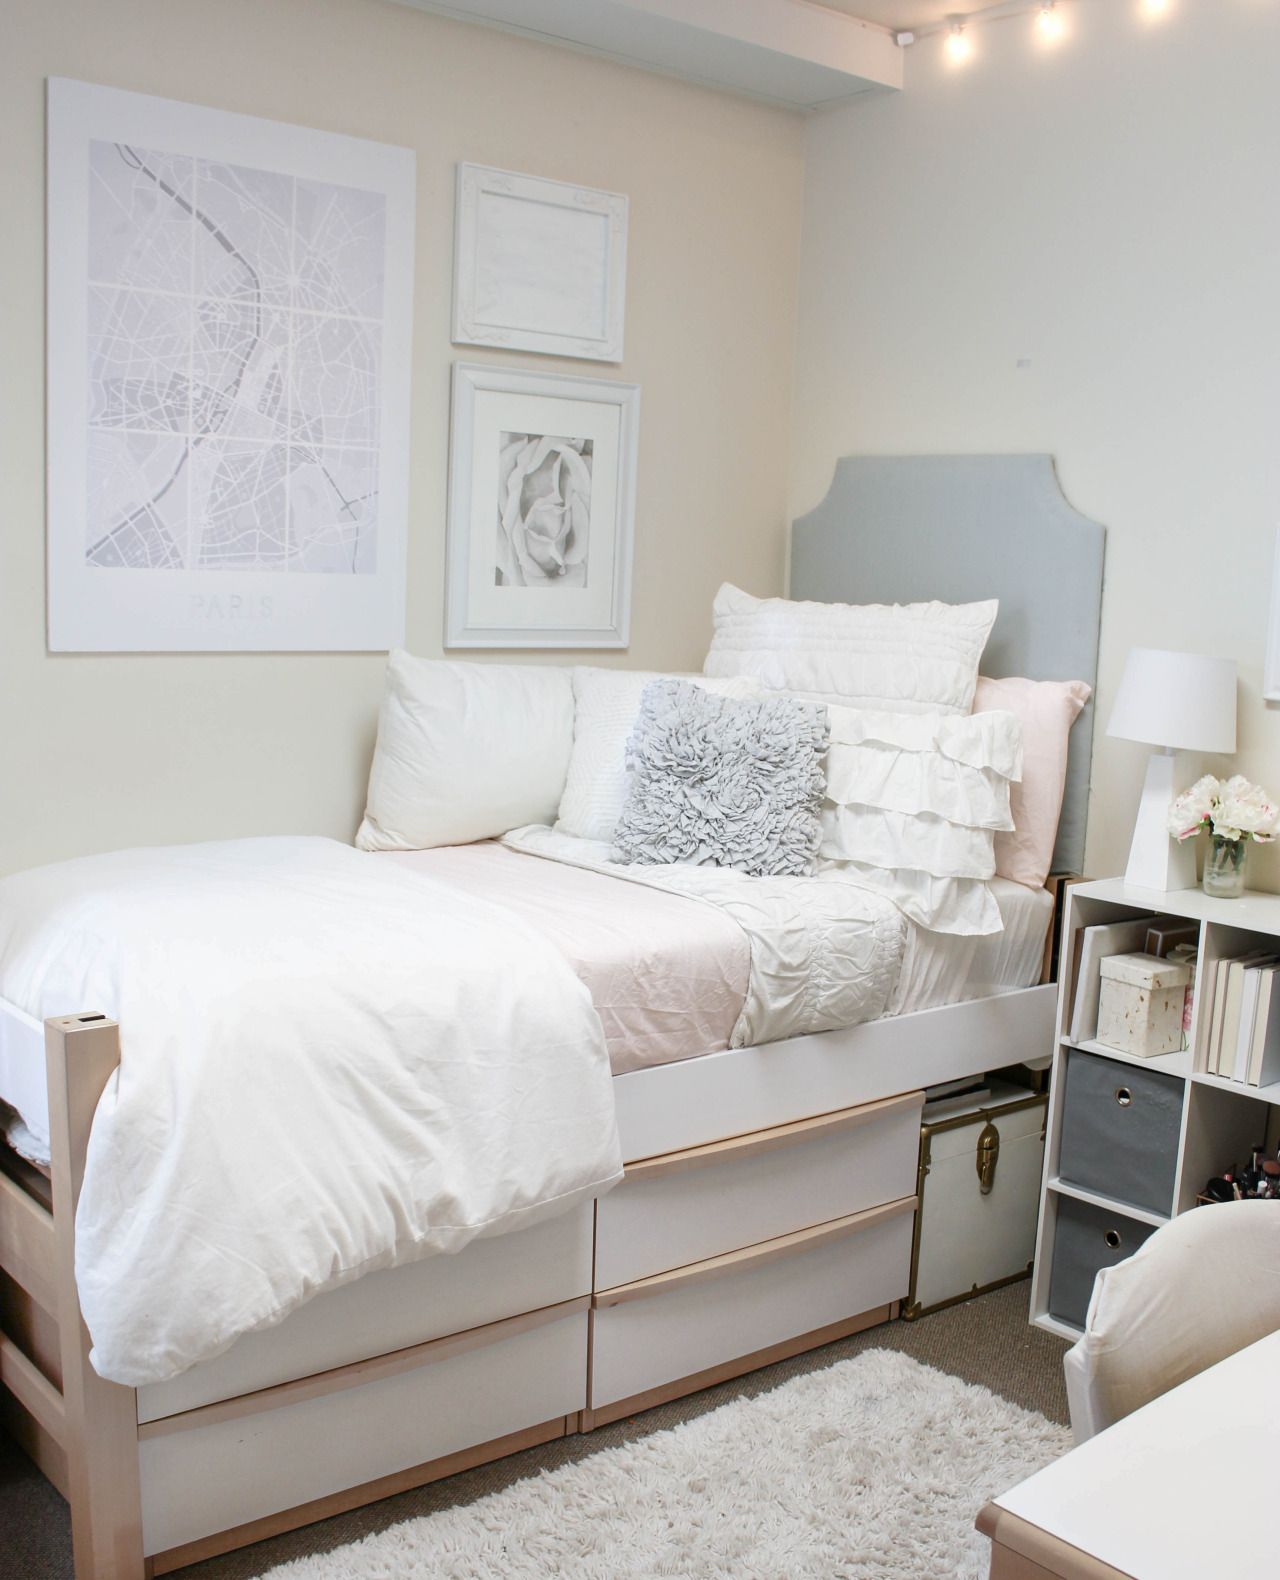 Dorm Room Essentials Dorm Decor In 2019 Cool Dorm